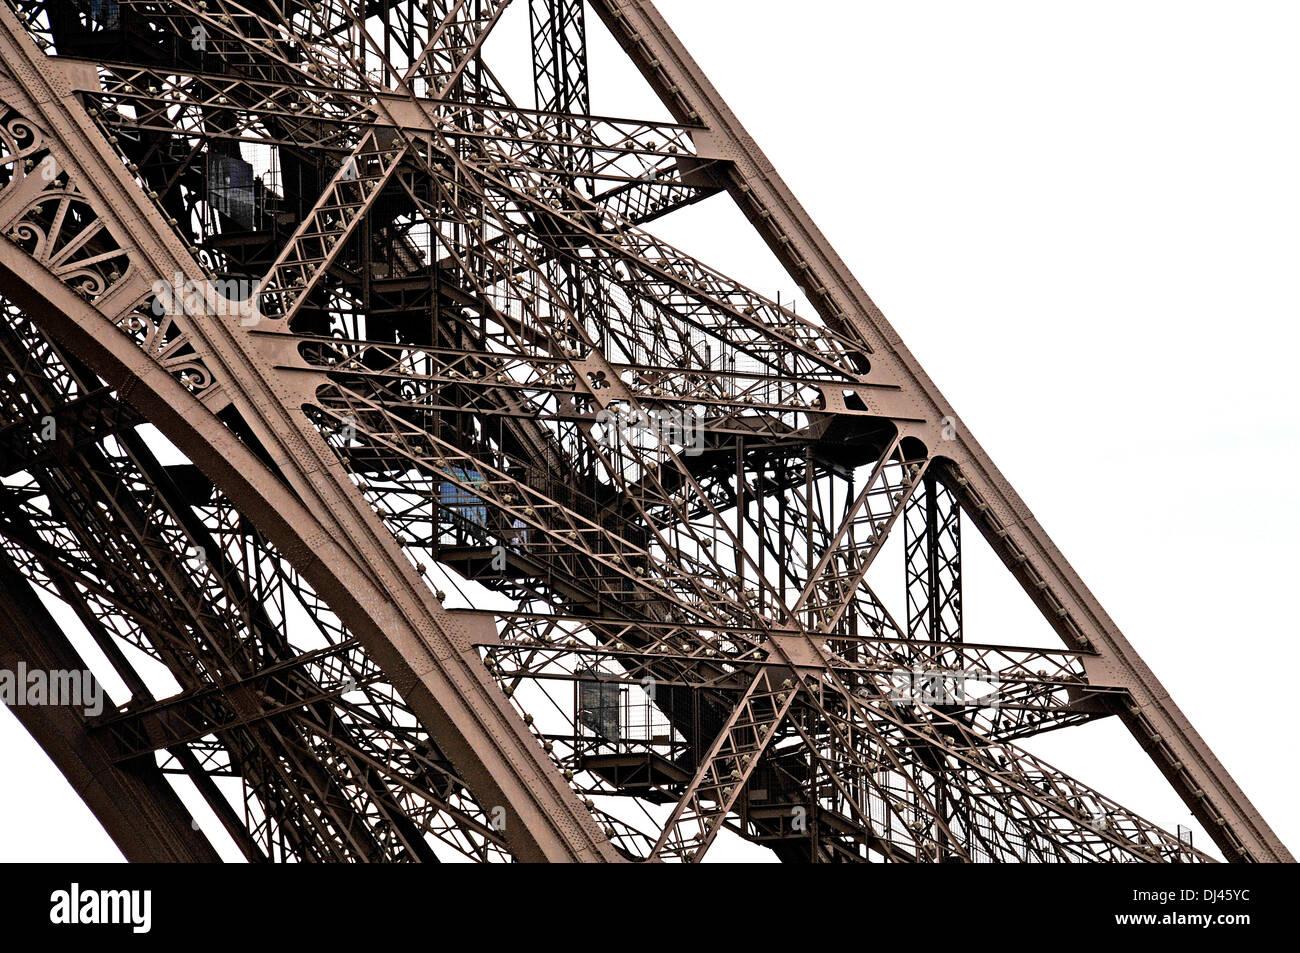 Eiffel tower Paris Ile-de-France France Europe - Stock Image